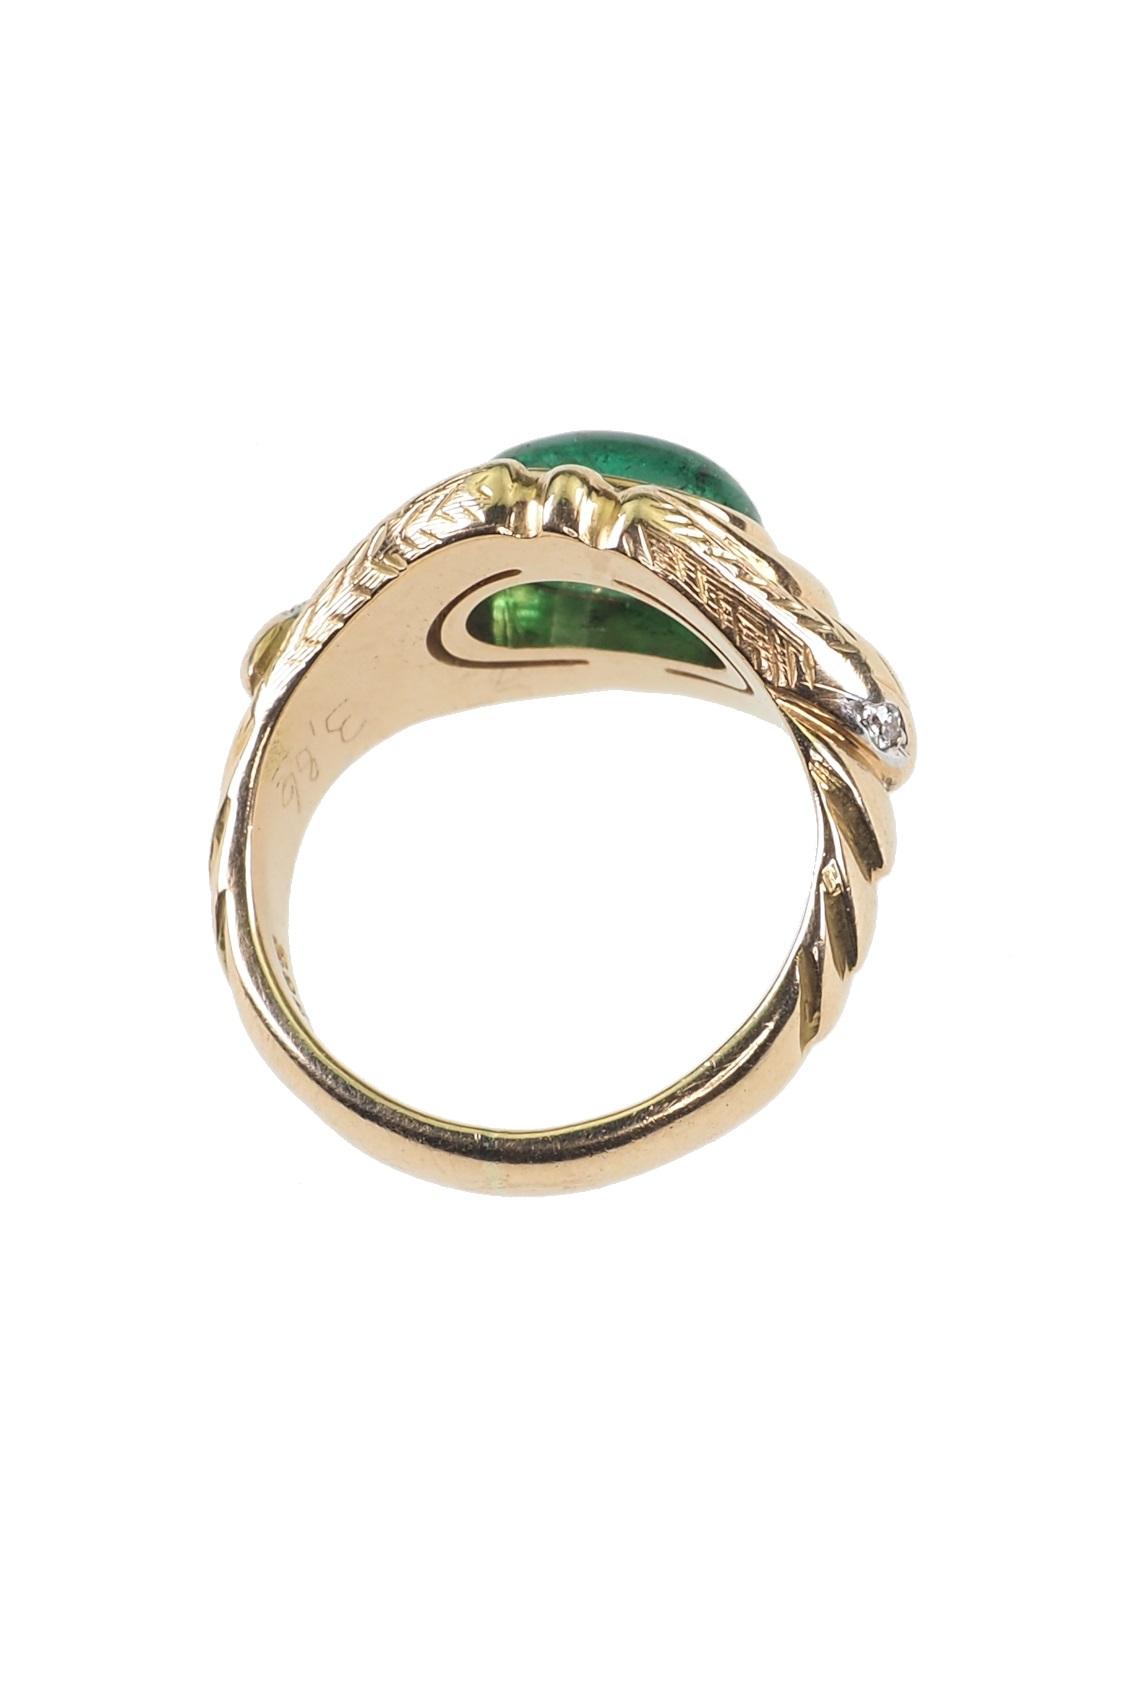 Verlobungsringe-online-kaufen-1322c